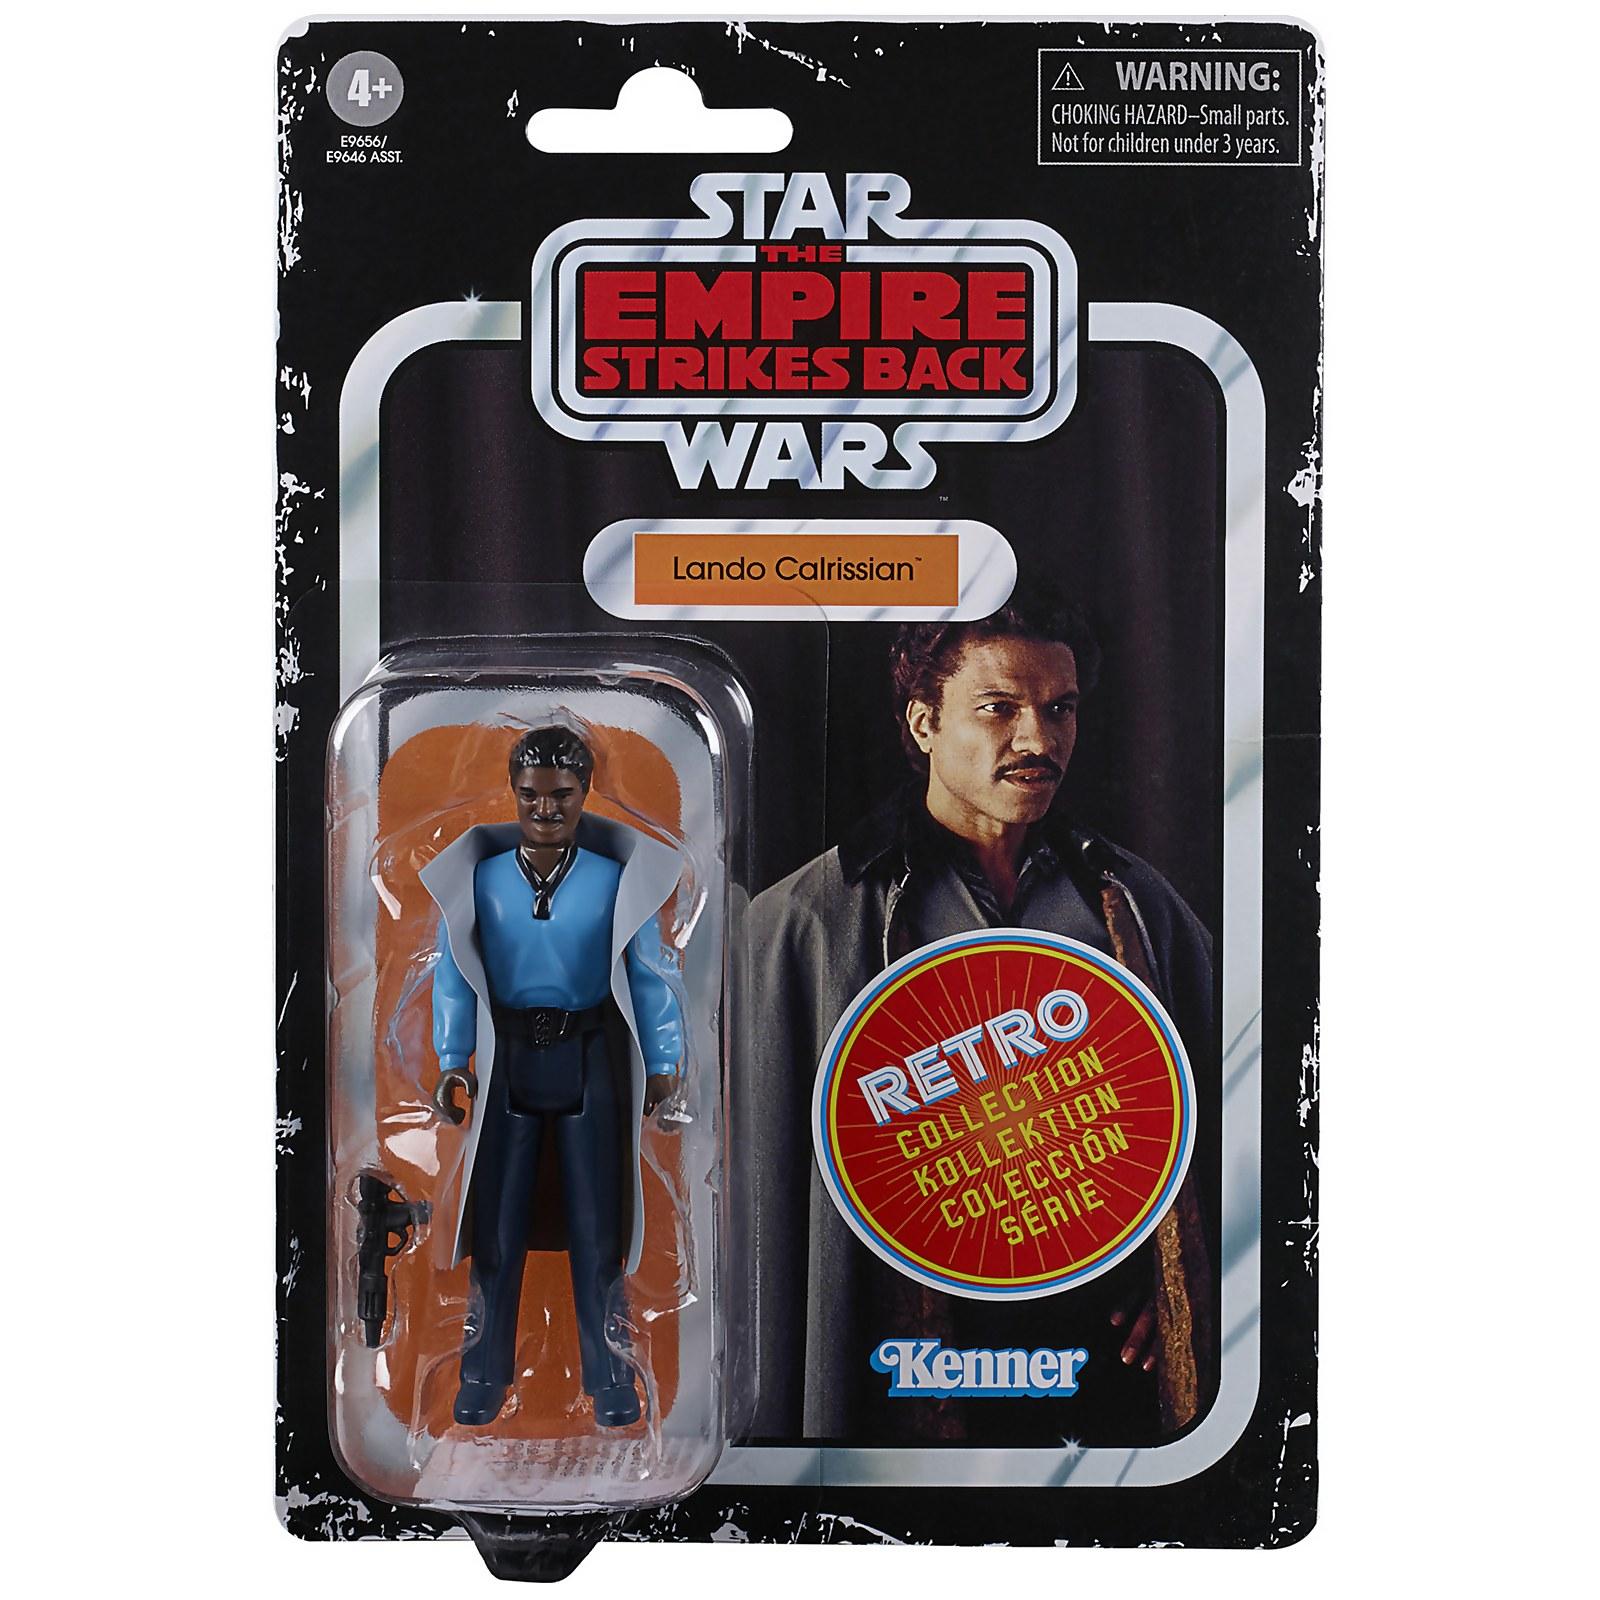 Image of Hasbro Star Wars Retro Collection Lando Calrissian Toy Action Figure